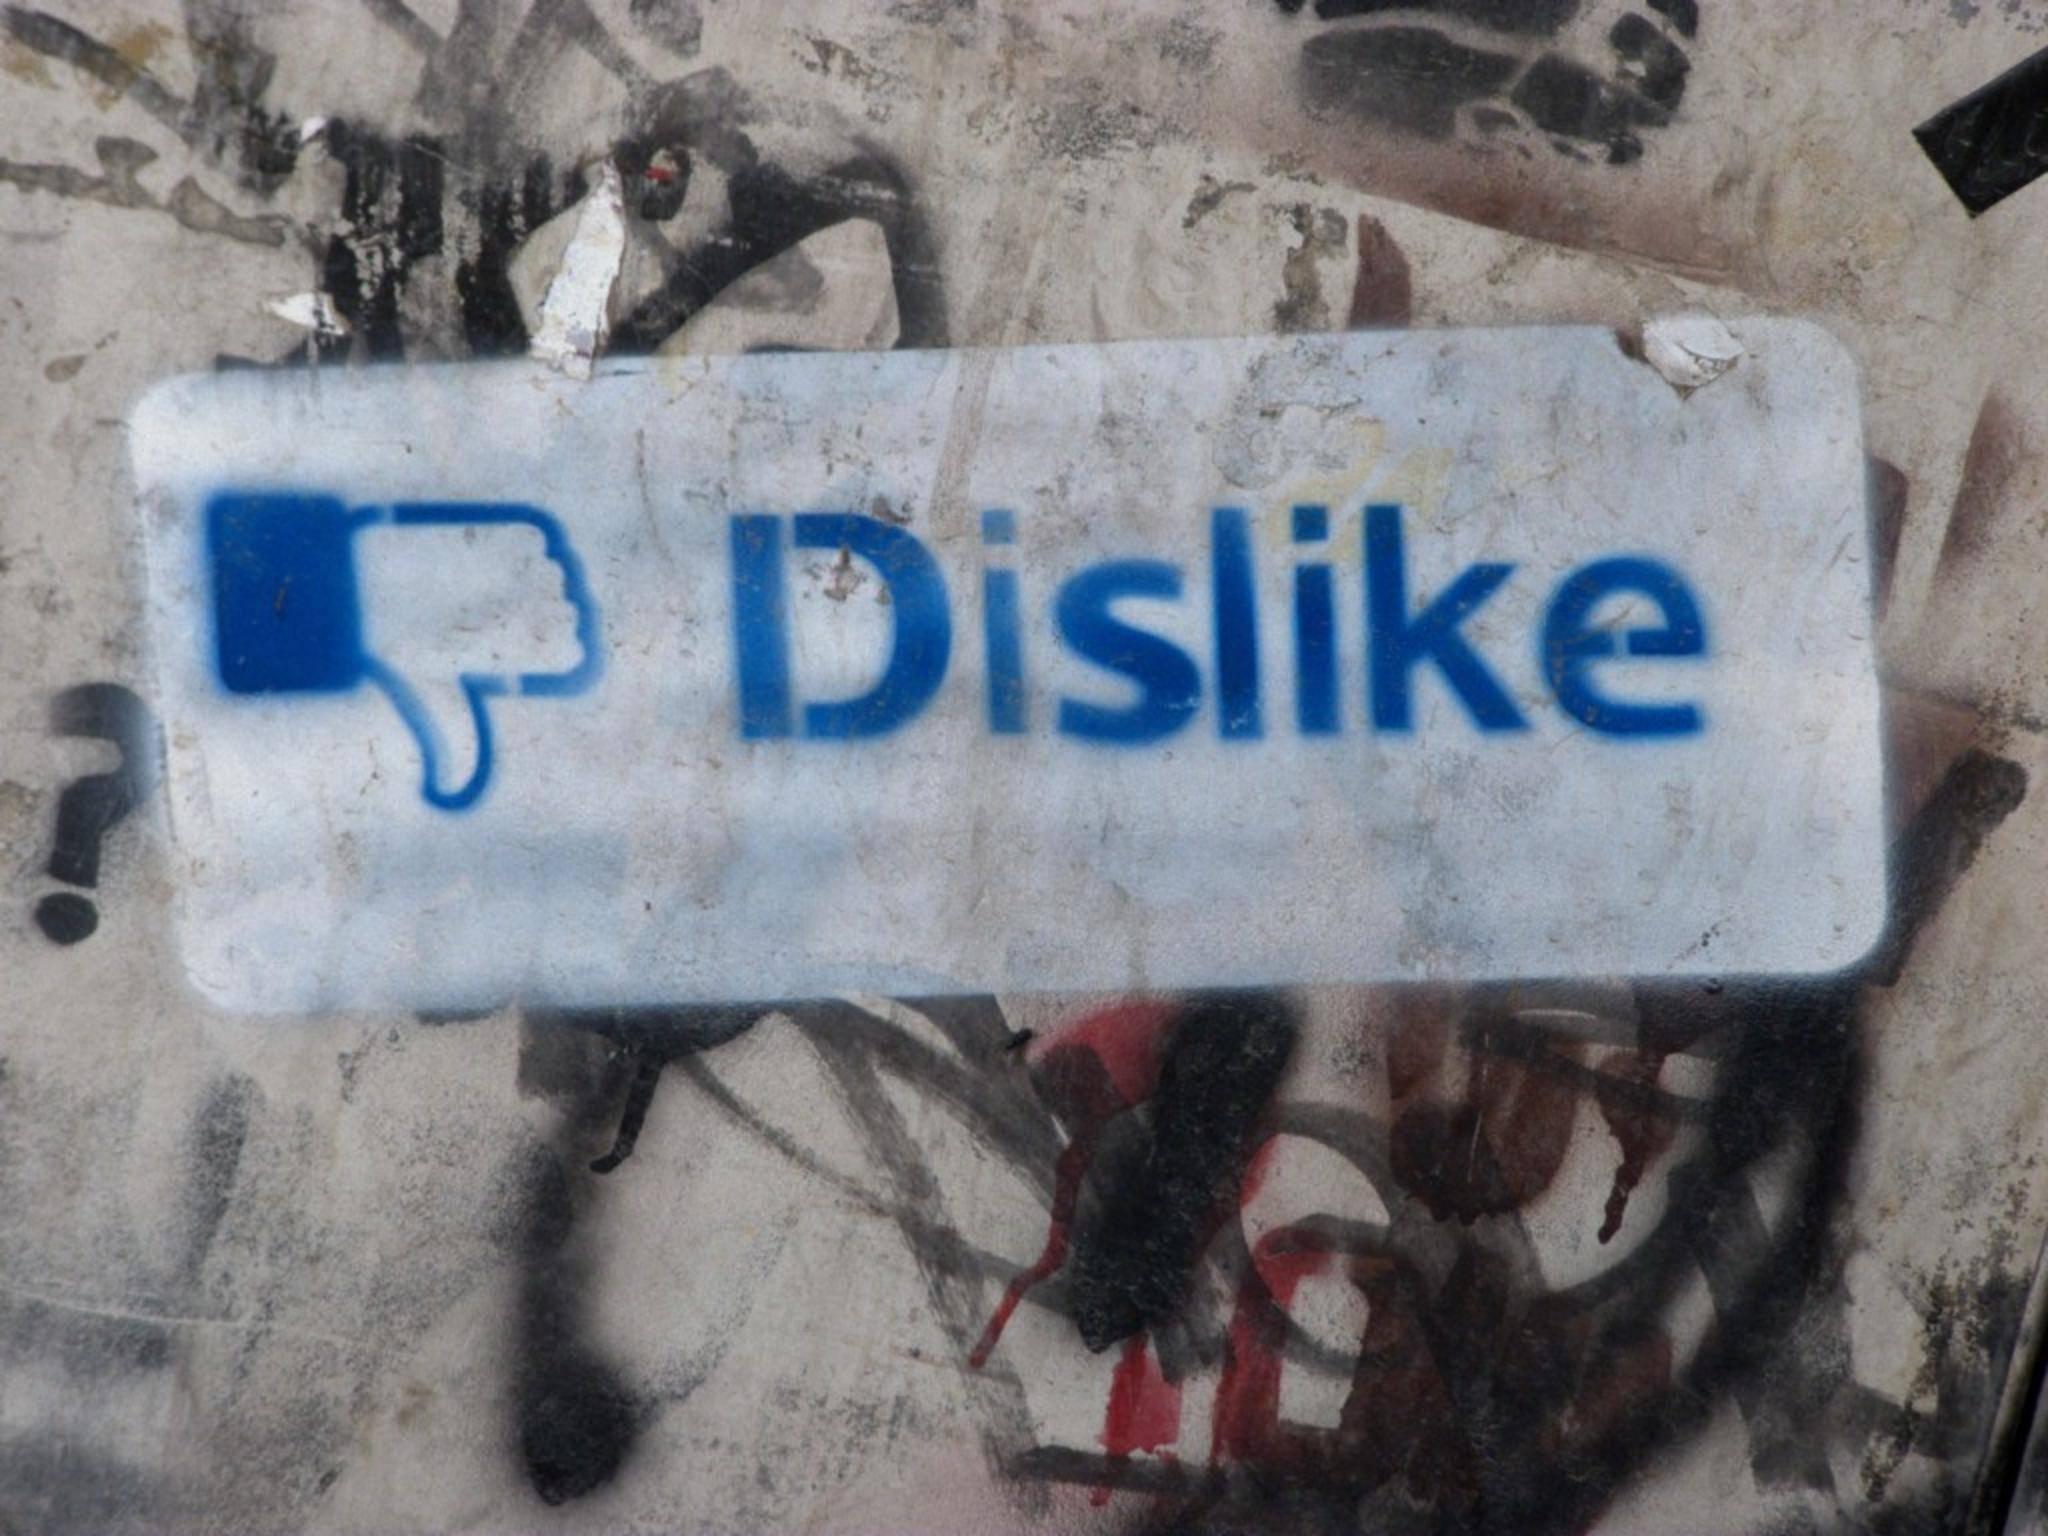 Die Facebook-App soll den iPhone-Akku äußerst schnell leer saugen.